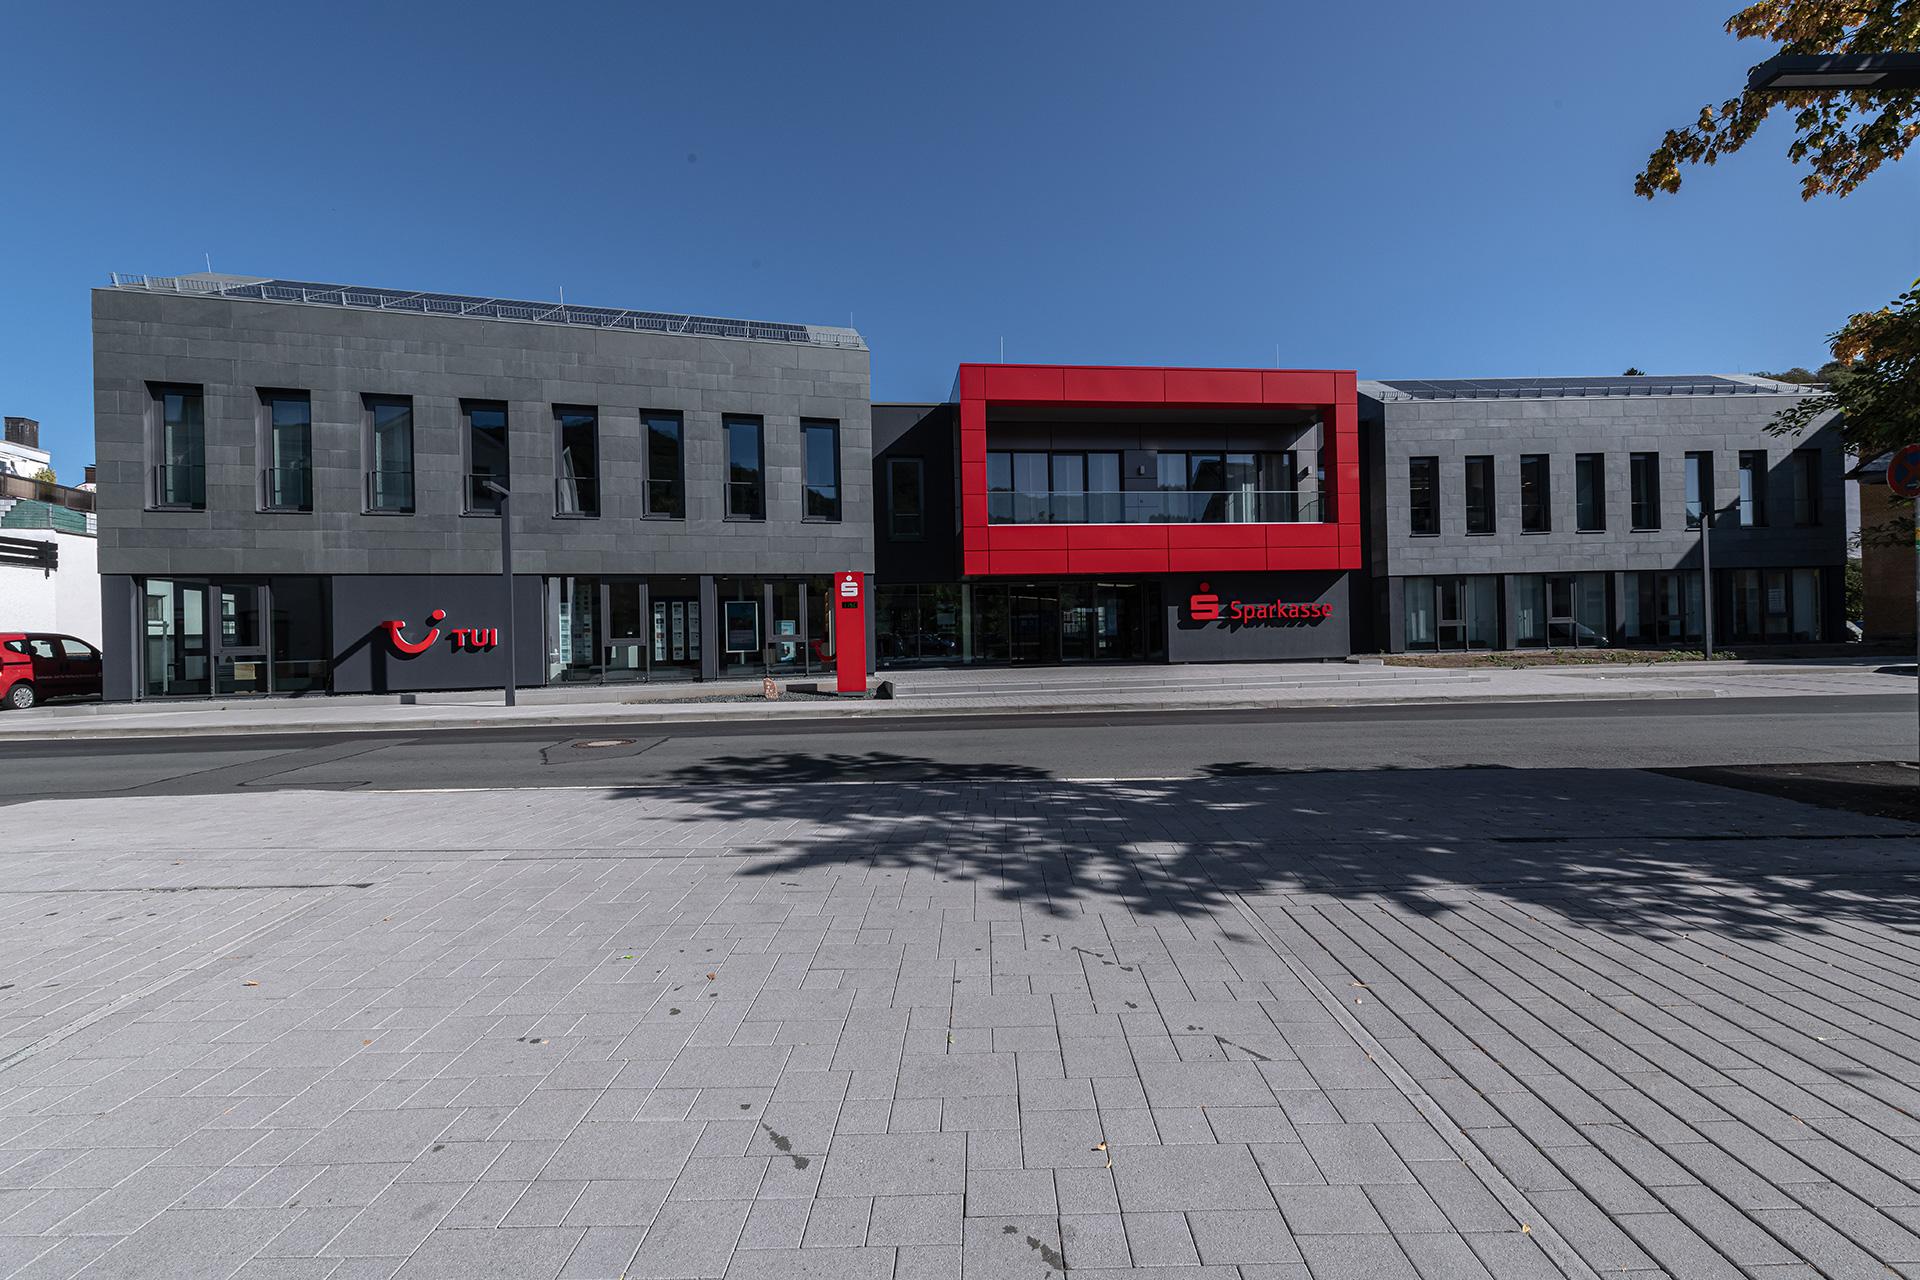 Repräsentative Fassade für Bankfiliale